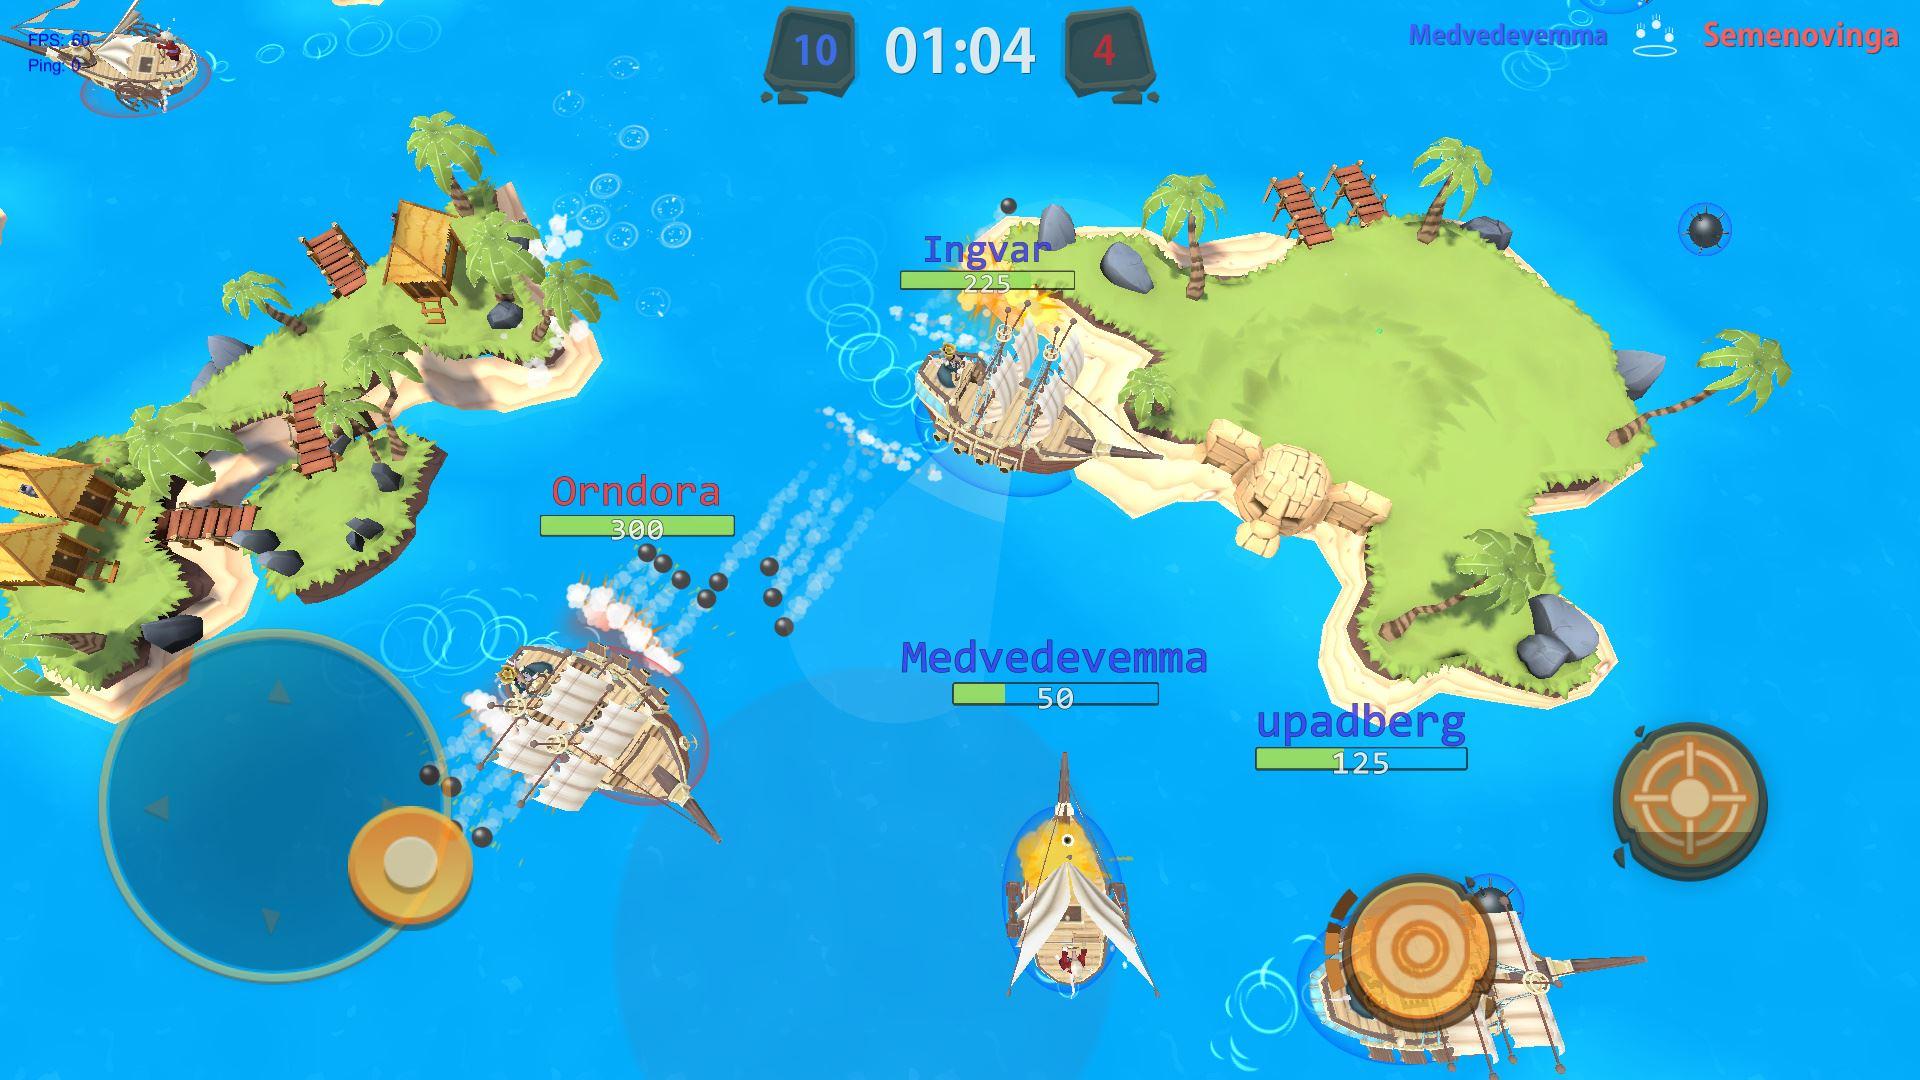 PieRatsOnline v0.7_Img1 | PieRats Online - динамичные онлайн бои в мультяшном сеттинге крыс-пиратов